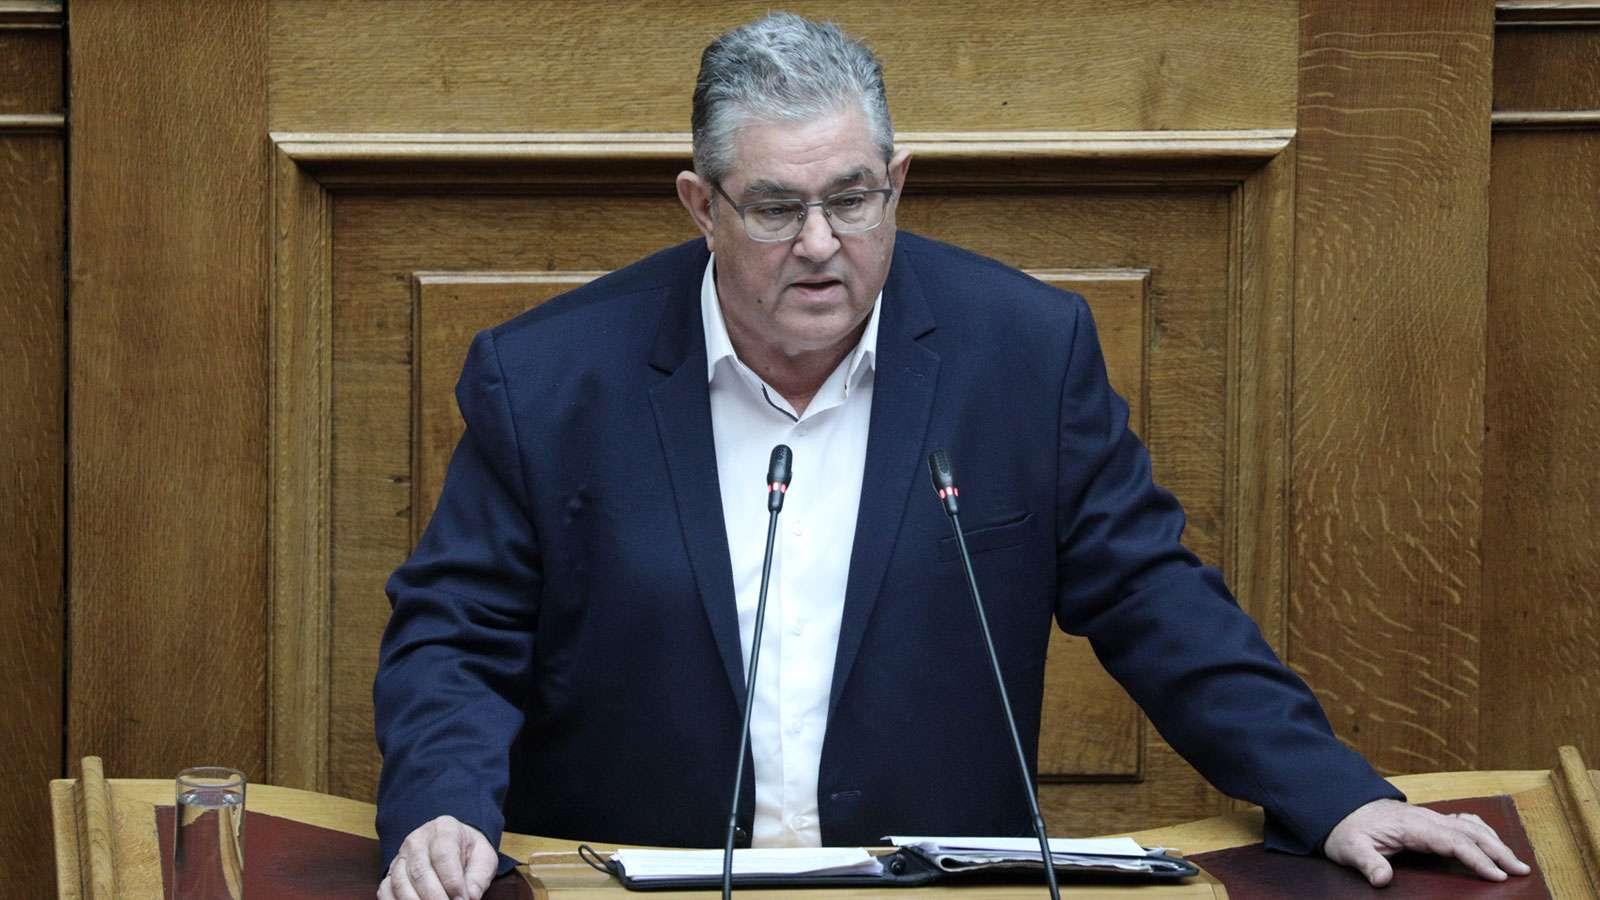 Ομιλία του ΓΓ της ΚΕ του ΚΚΕ Δημήτρη Κουτσούμπα στην Ολομέλεια της Βουλής για την κύρωση των ΠΝΠ για τα υγειονομικά μέτρα αντιμετώπισης της κρίσης του κορωνοϊού